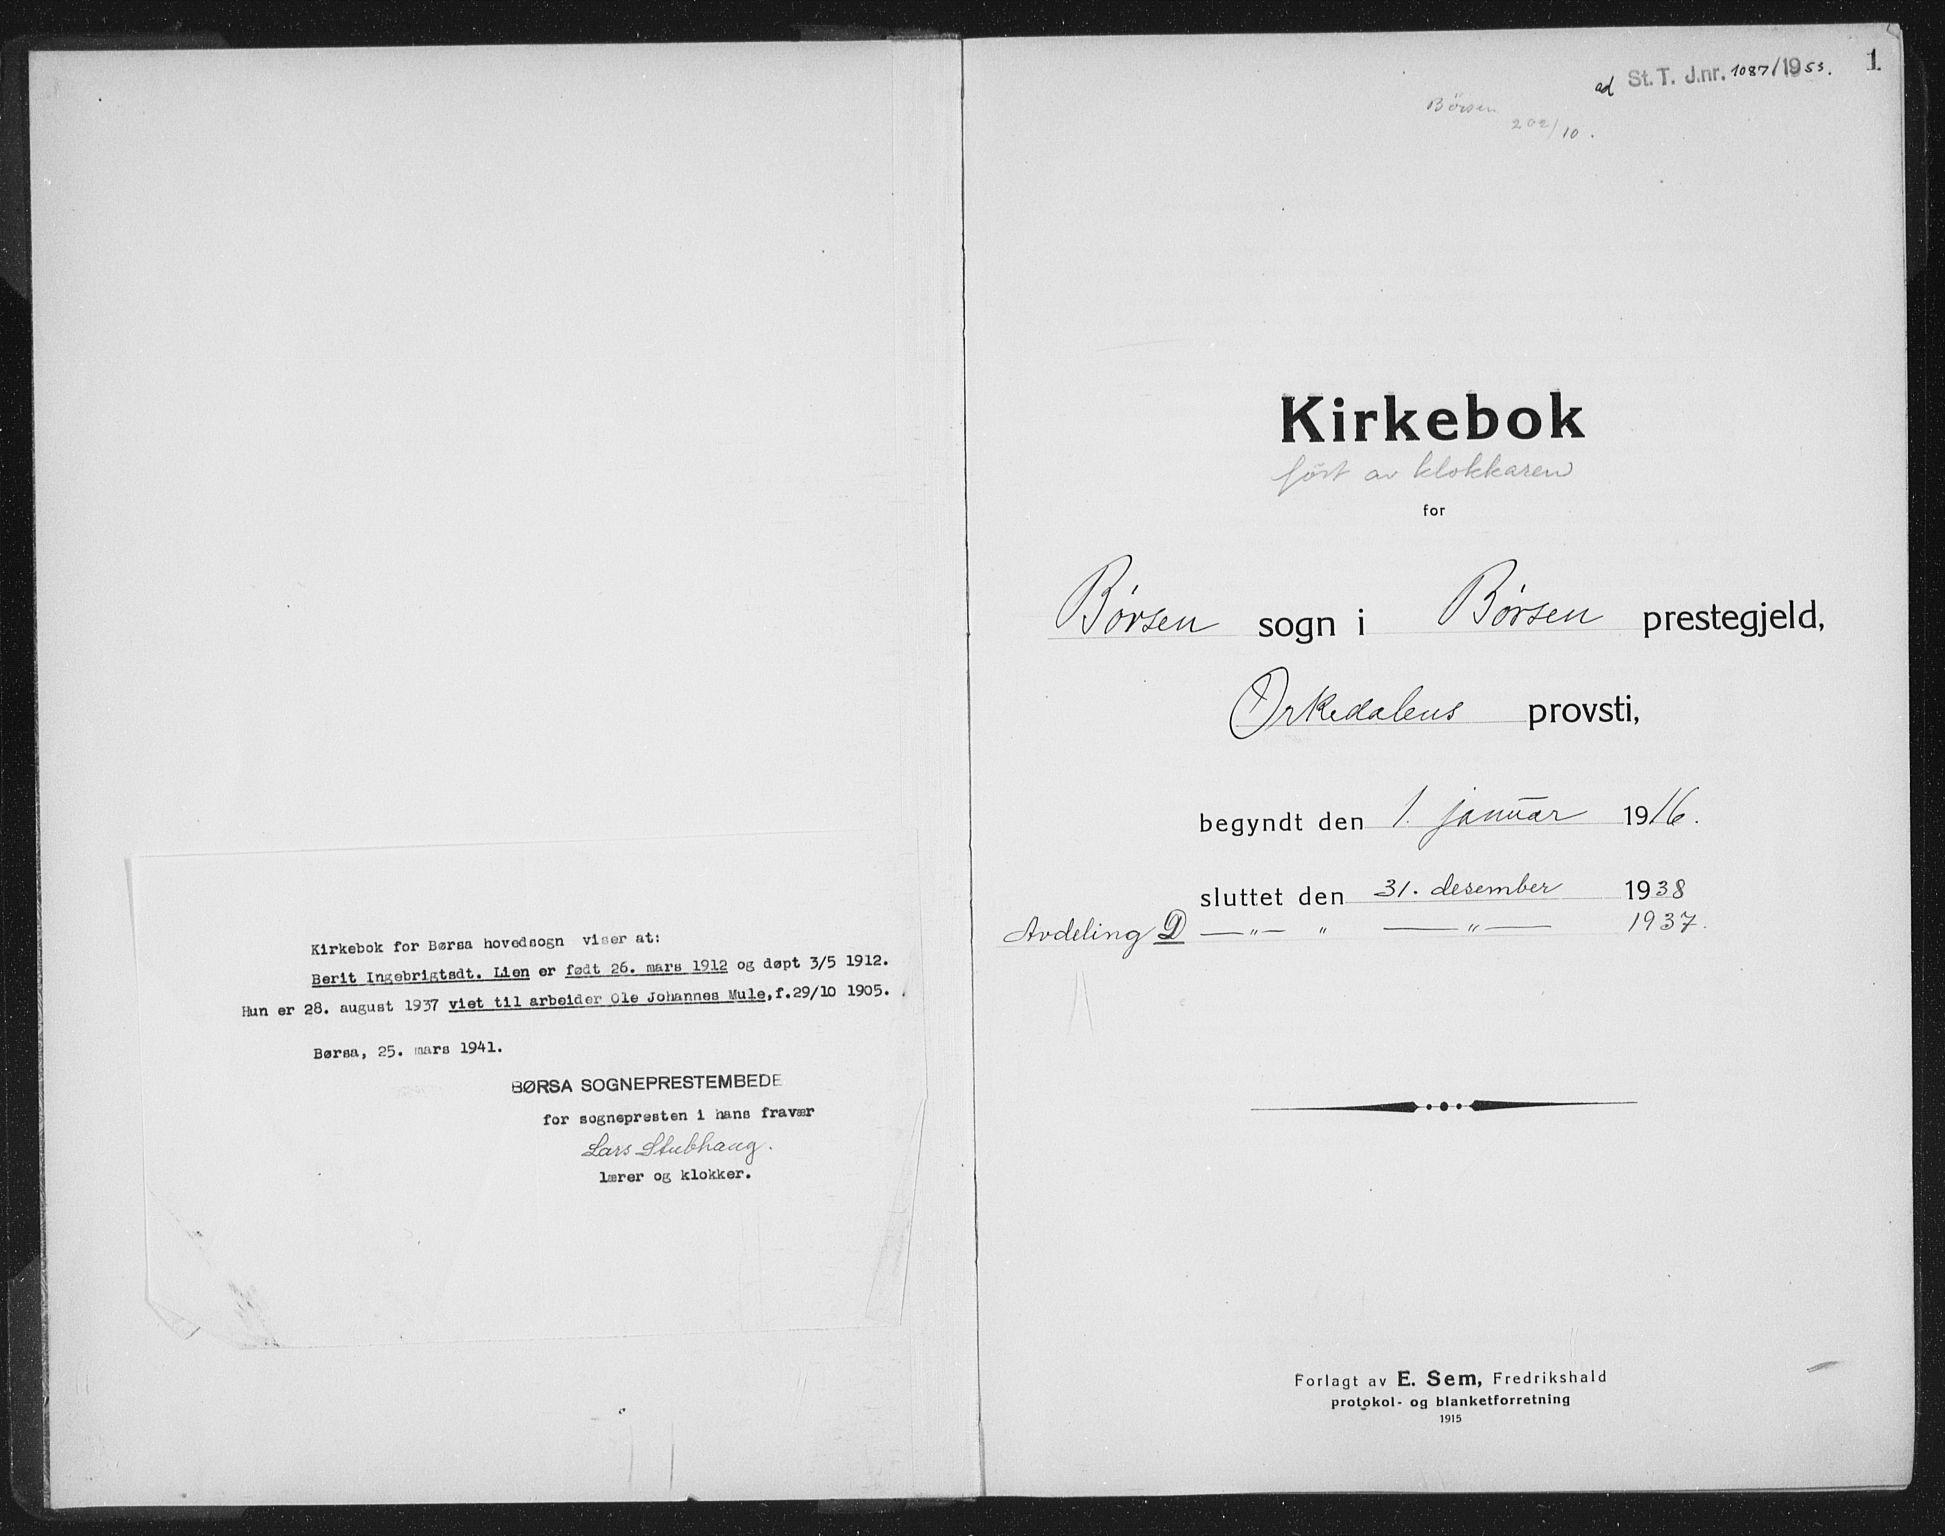 SAT, Ministerialprotokoller, klokkerbøker og fødselsregistre - Sør-Trøndelag, 665/L0778: Klokkerbok nr. 665C03, 1916-1938, s. 1